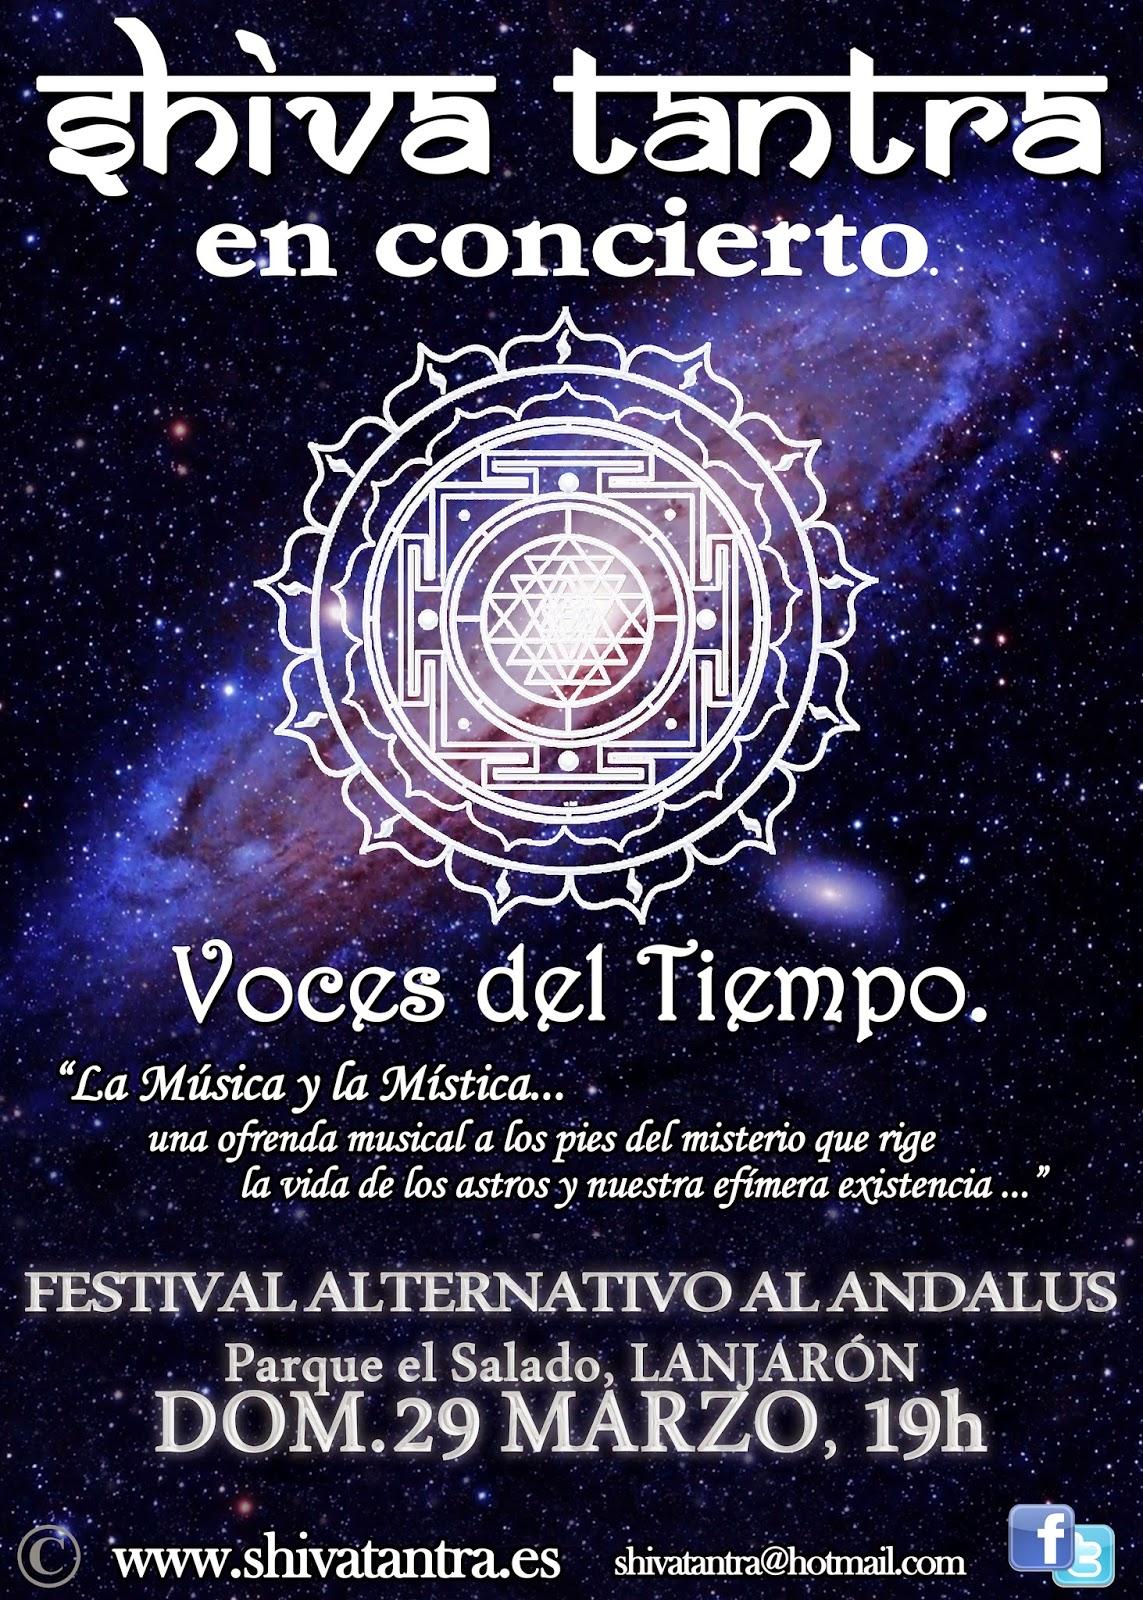 www.shivatantra,es